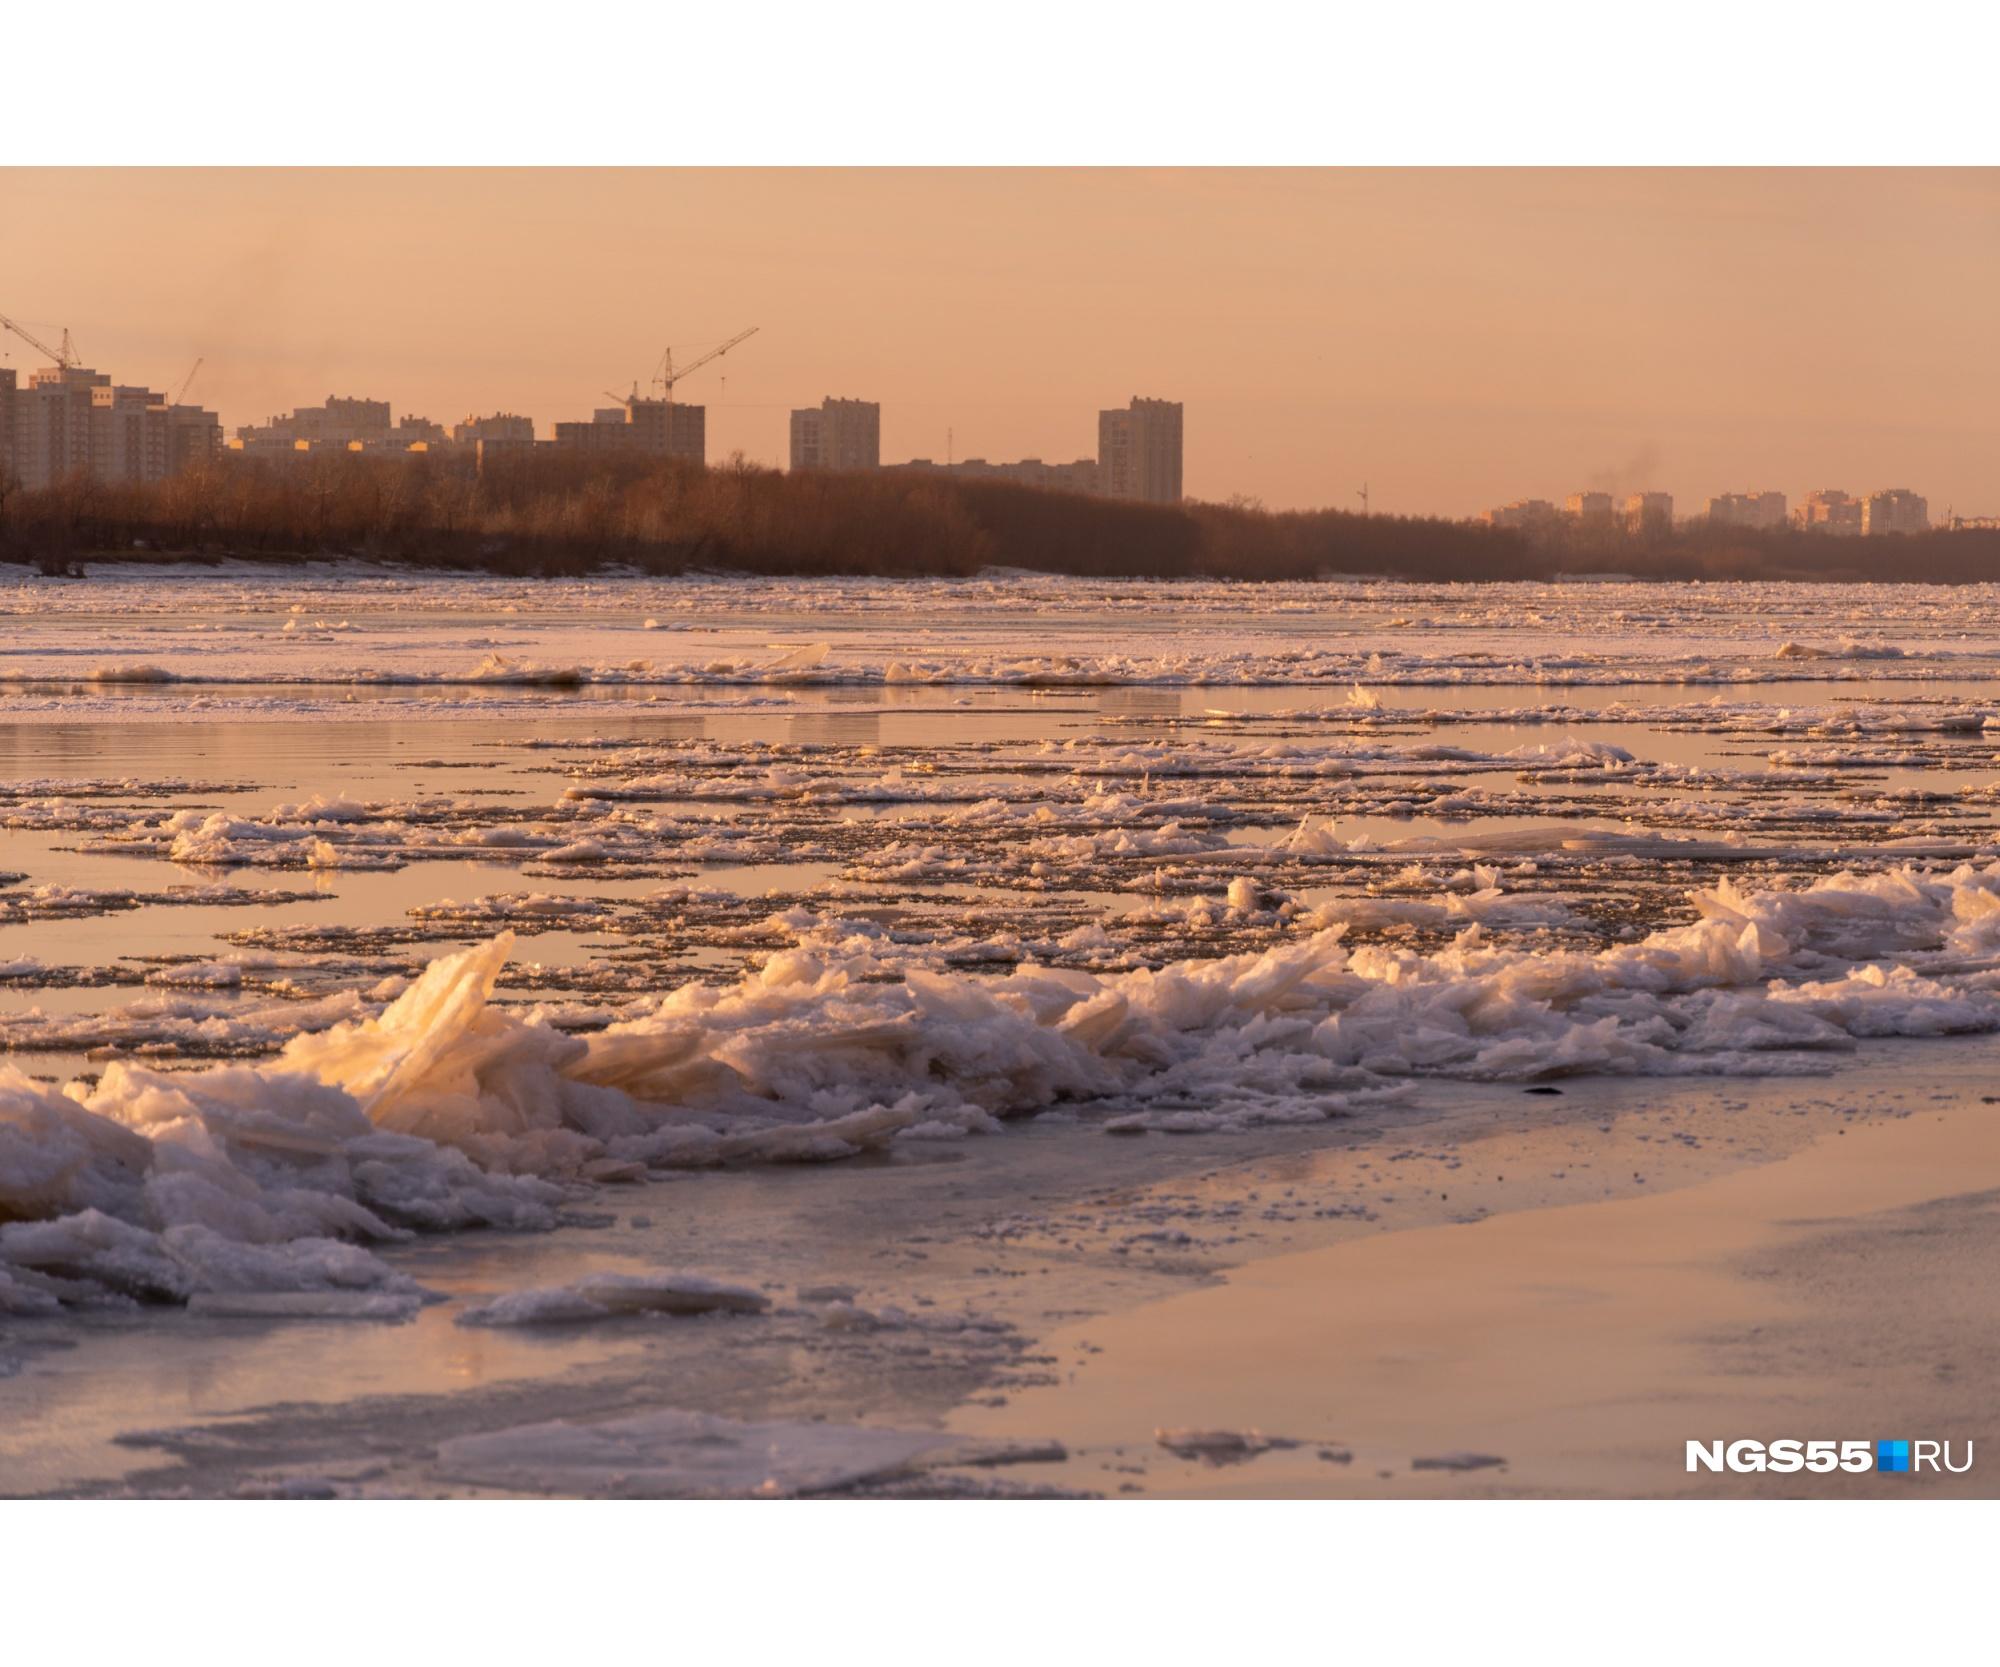 Некоторые из льдин выглядят настолько острыми, что кажется, словно о них можно порезаться